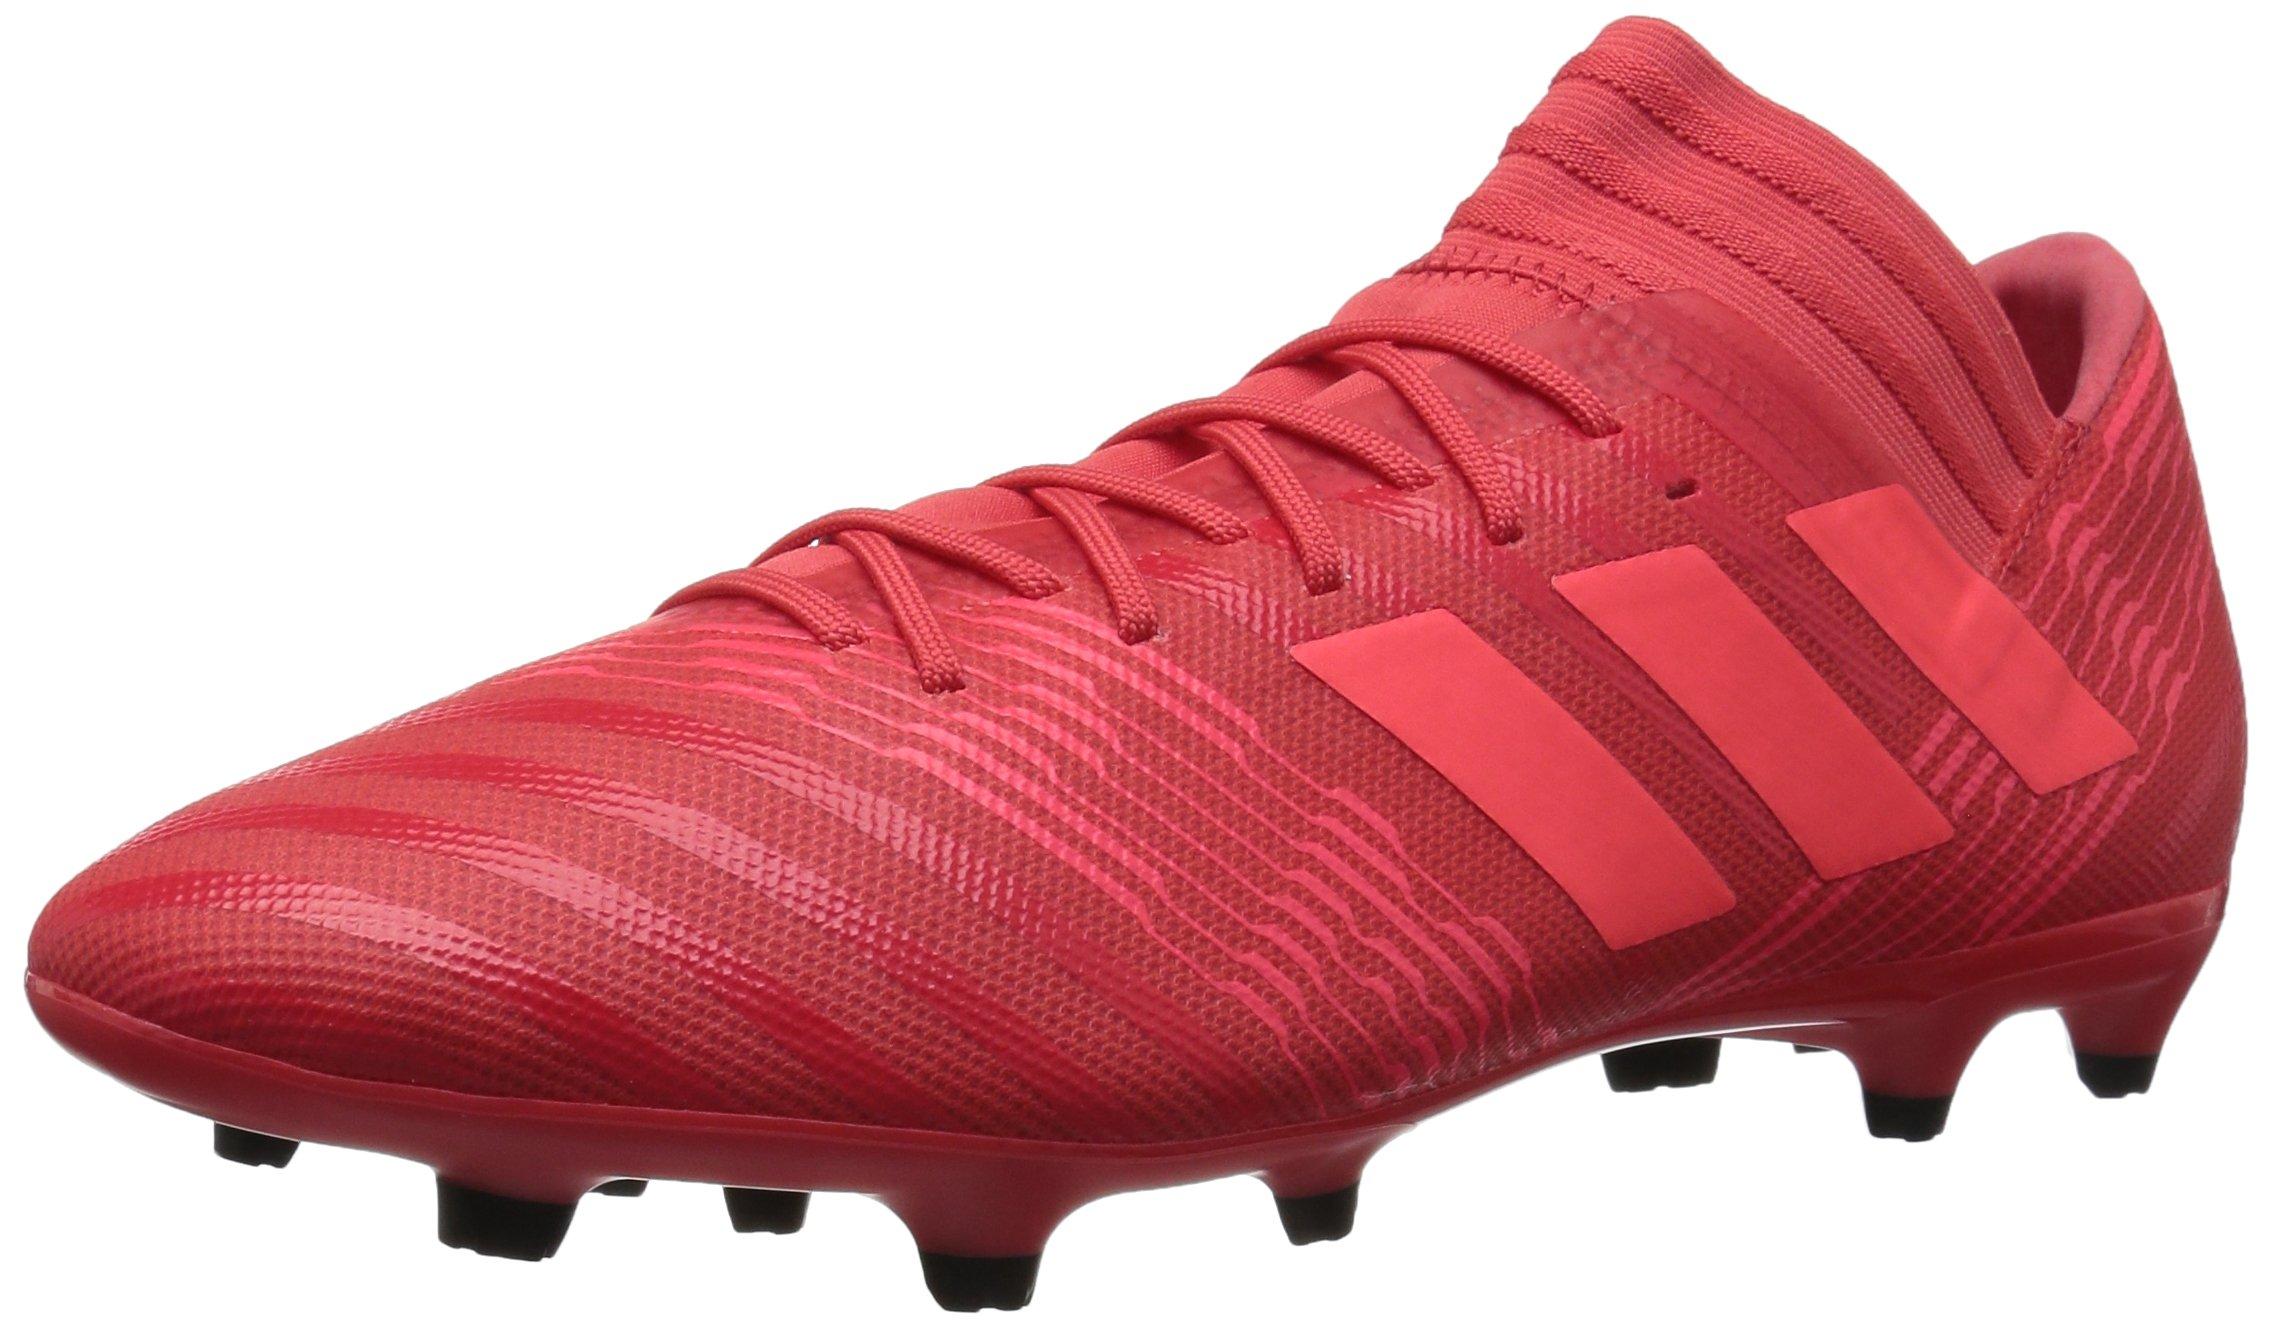 adidas Men's Nemeziz 17.3 FG Soccer Shoe, Real Coral/Red Zest/Core Black, 12.5 M US by adidas